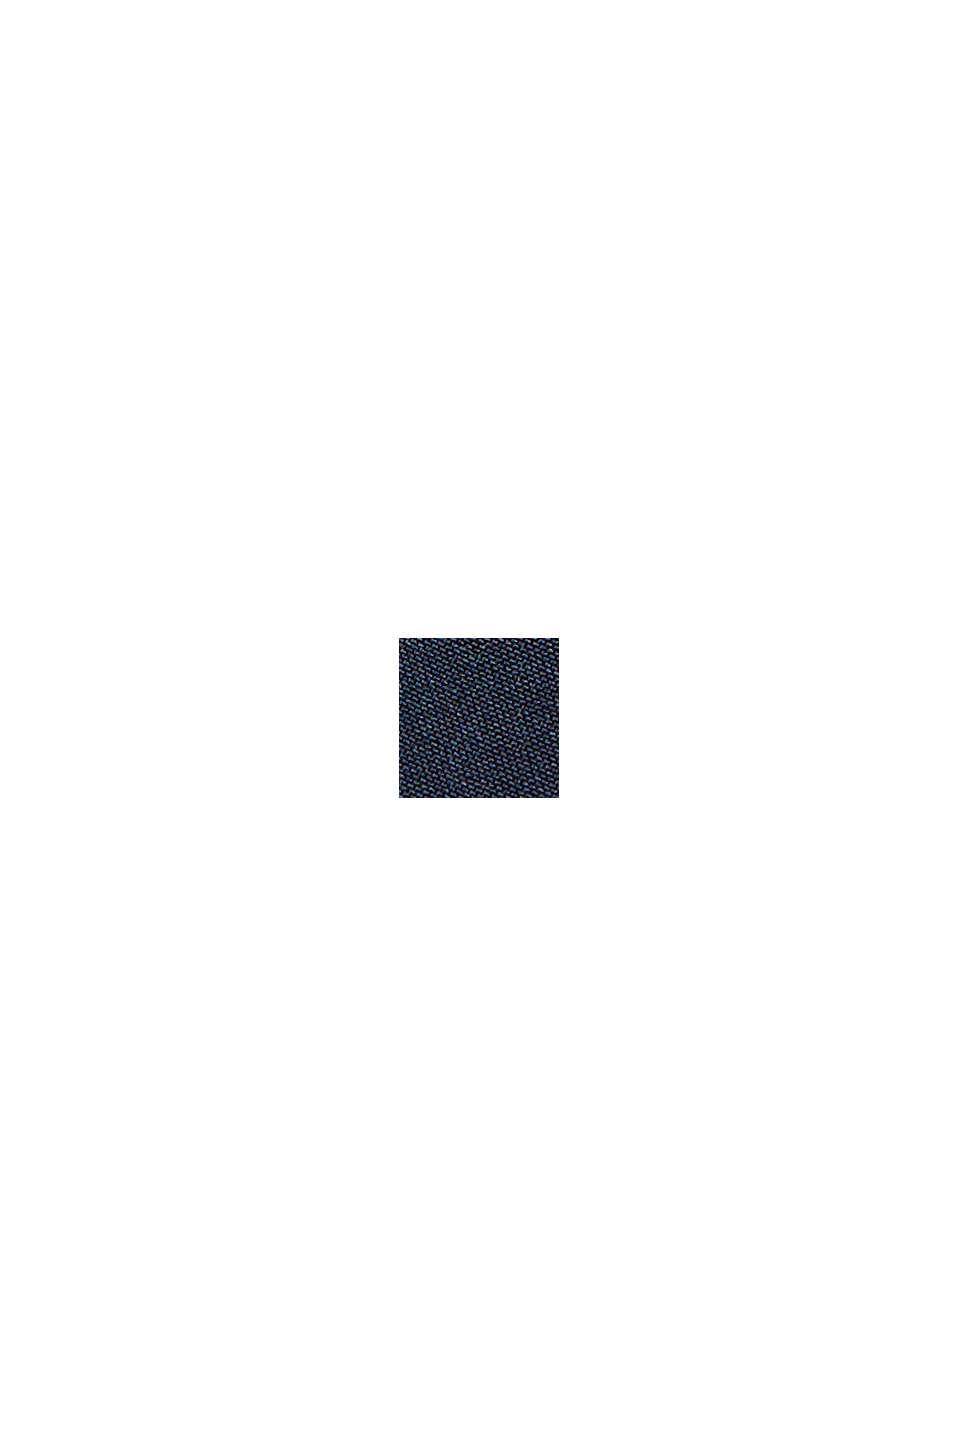 In materiale riciclato: giacca softshell con cappuccio, DARK BLUE, swatch